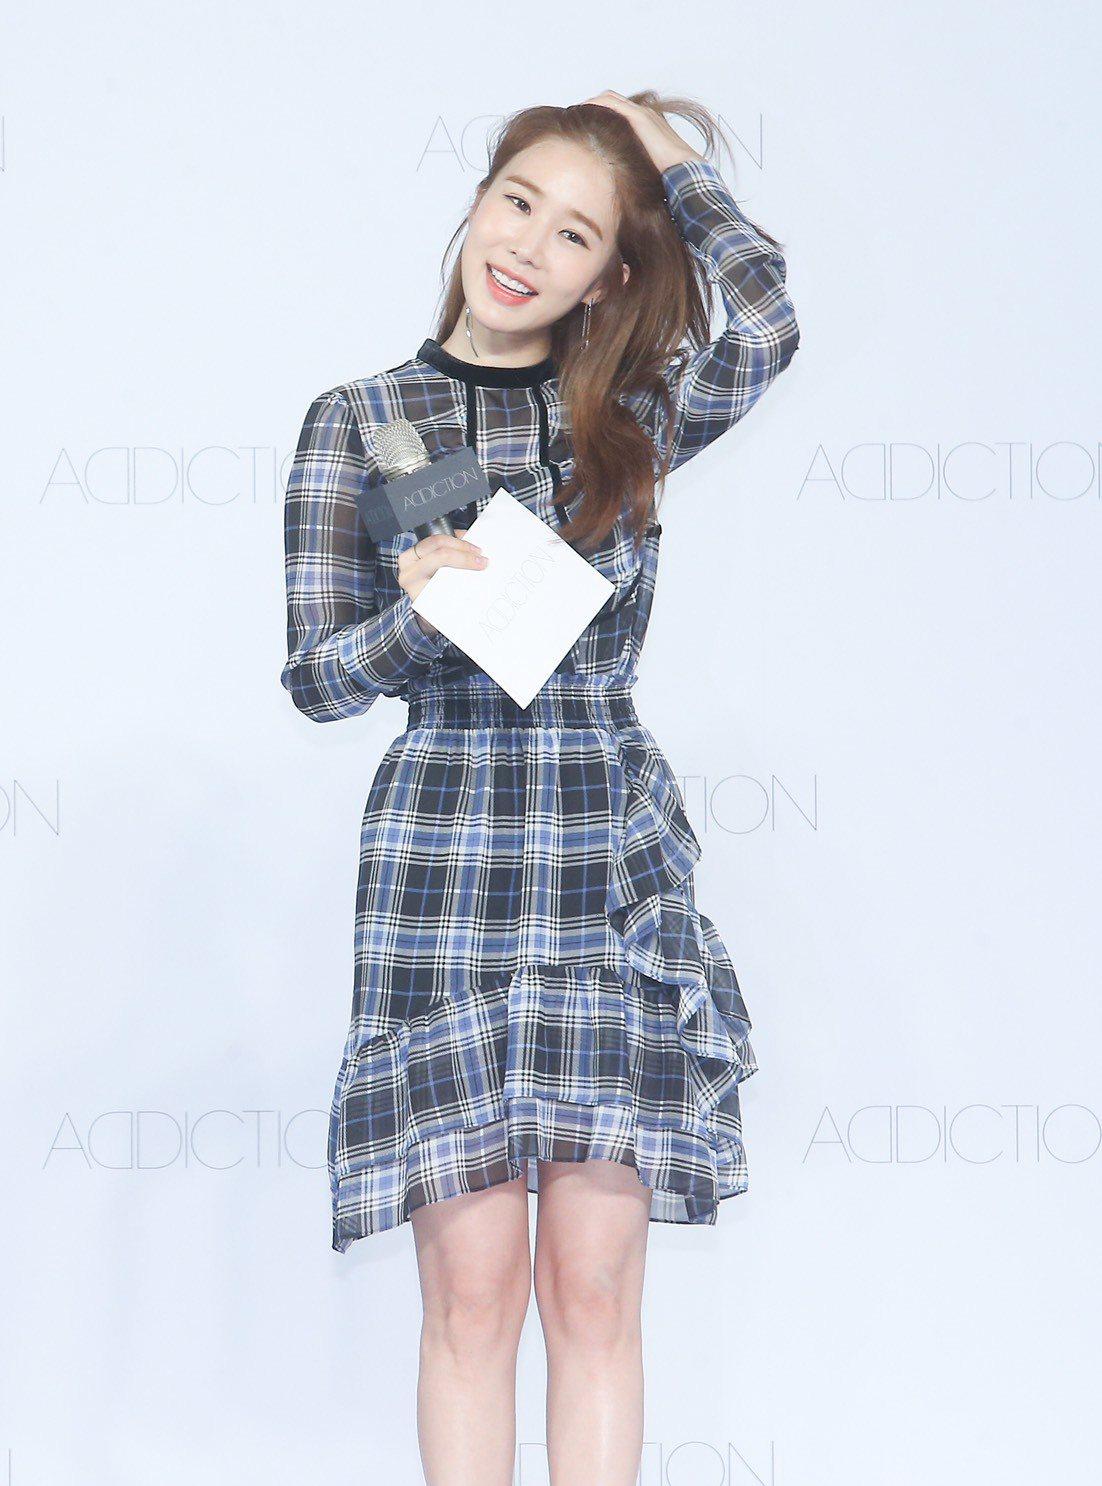 劉仁娜表示她相當喜歡「晴癮防曬粉底液N」的妝效。記者余承翰/攝影